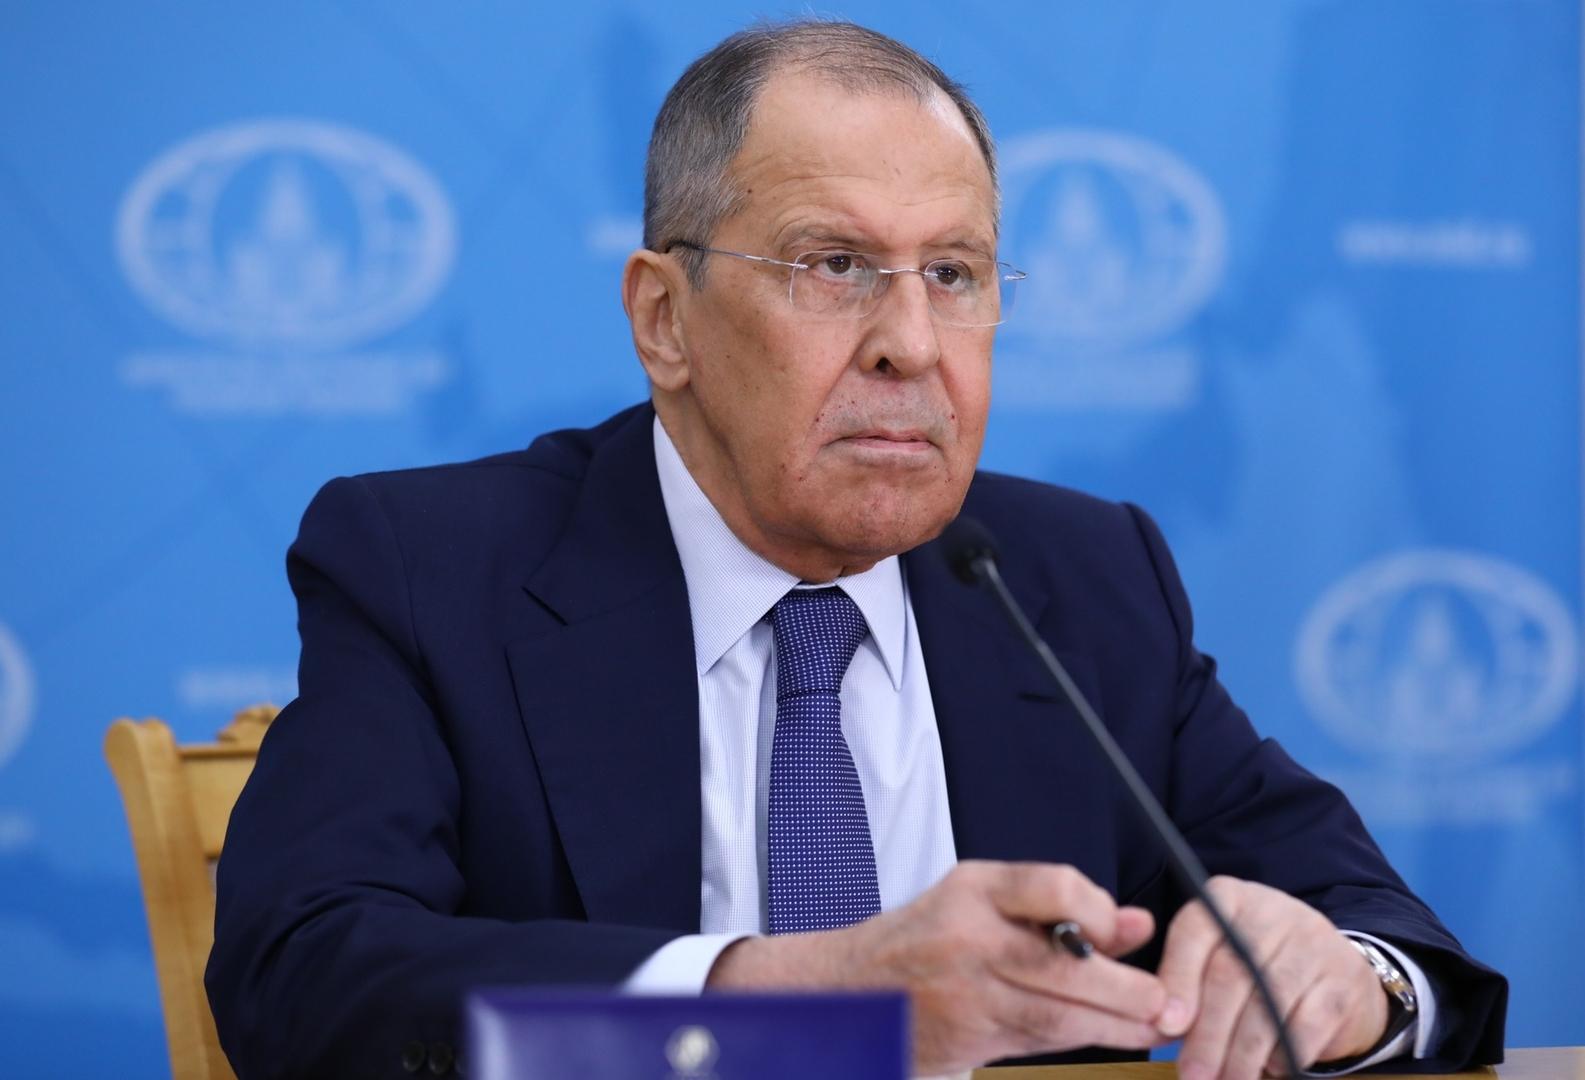 لافروف يطلع بلدان رابطة الدول المستقلة على نتائج قمة بوتين بايدن